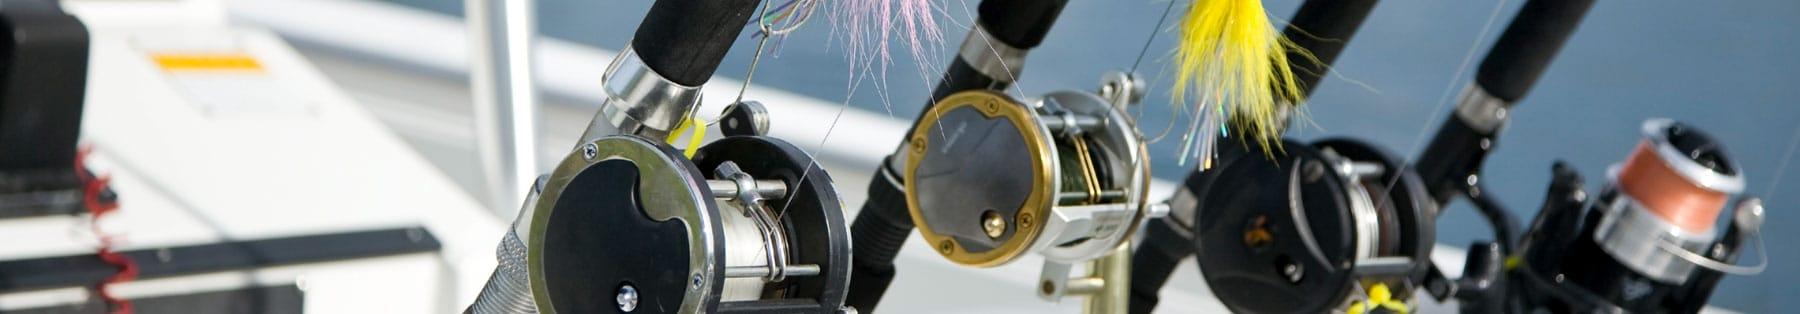 fishing equipment for trips in door county